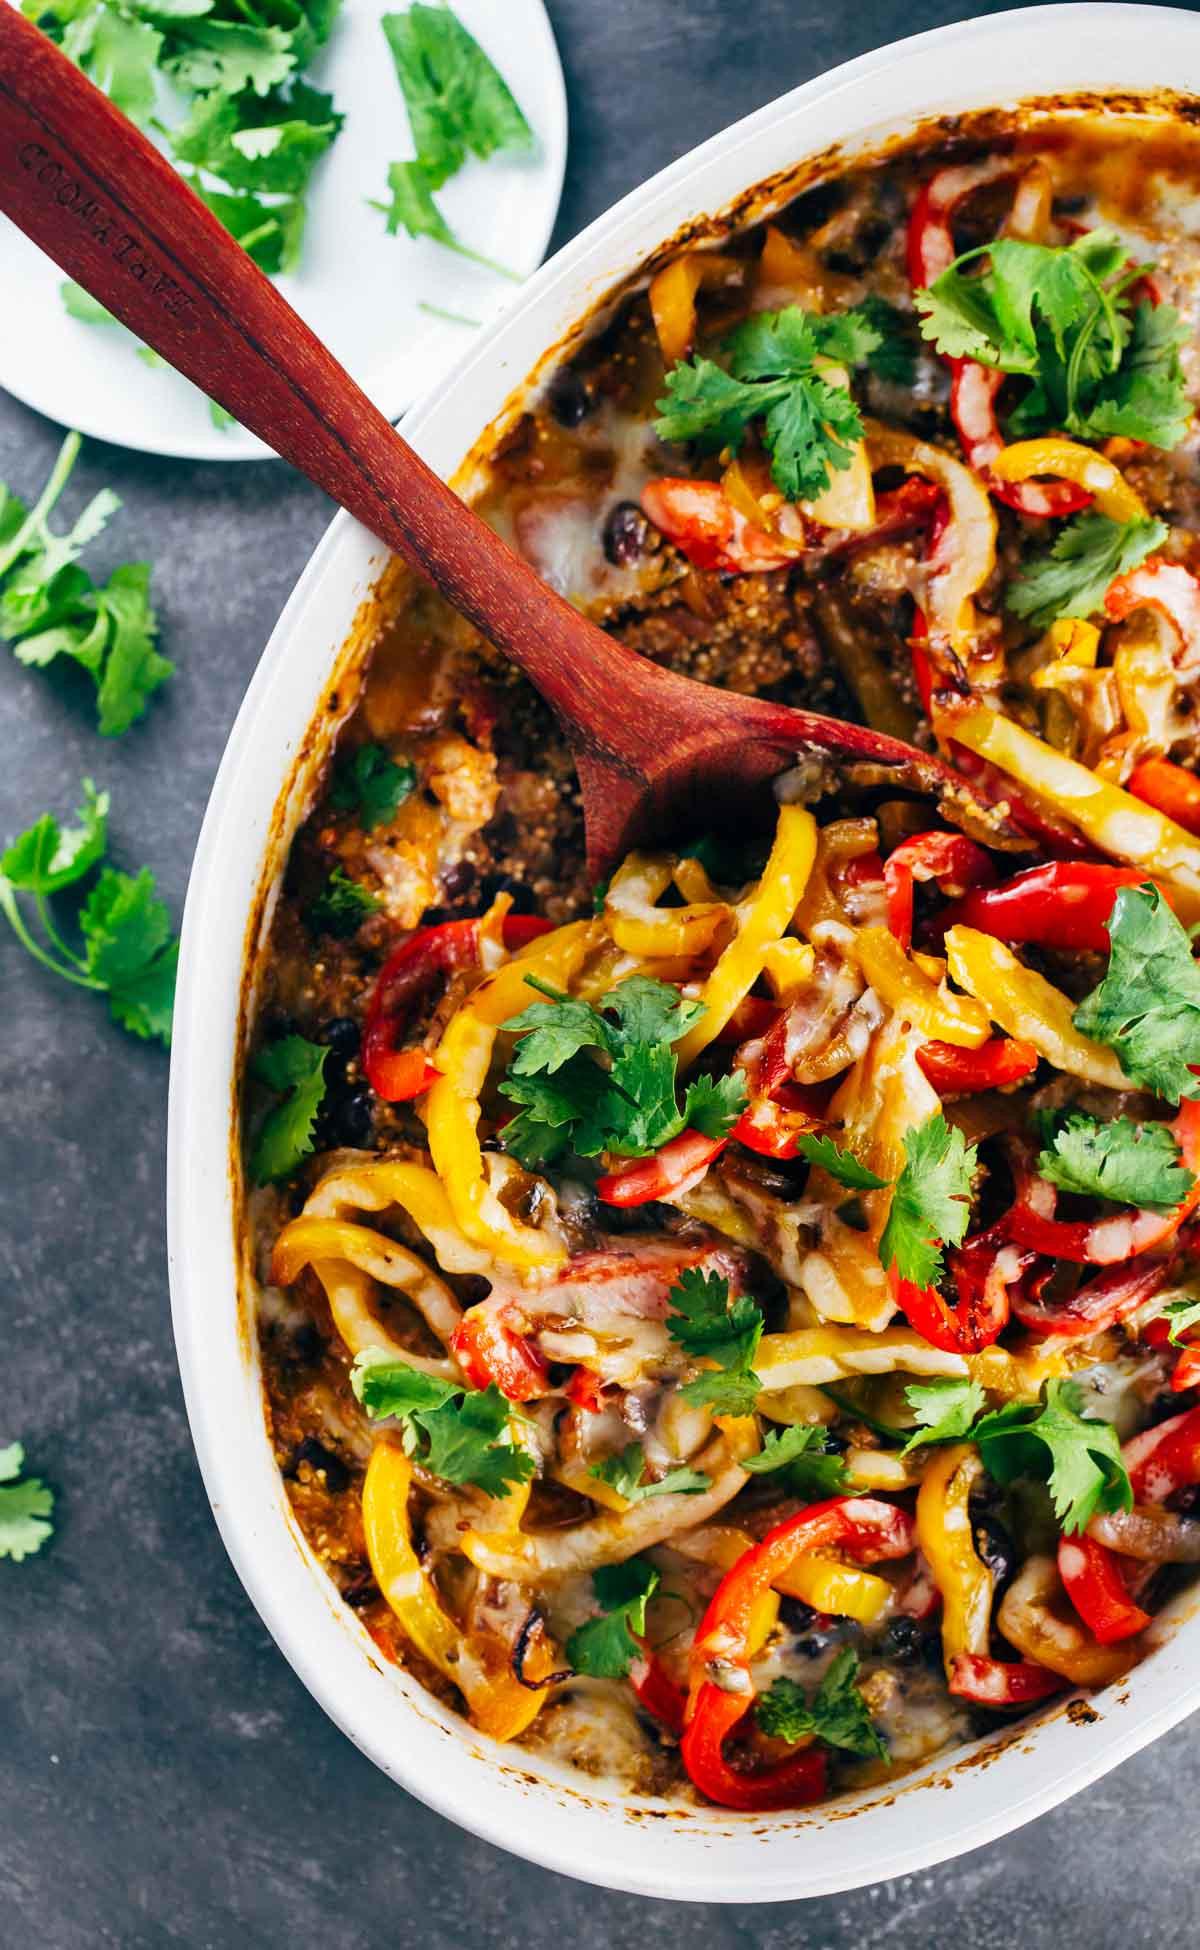 Chicken And Quinoa Recipe Healthy  Easy Mexican Chicken Quinoa Casserole Recipe Pinch of Yum